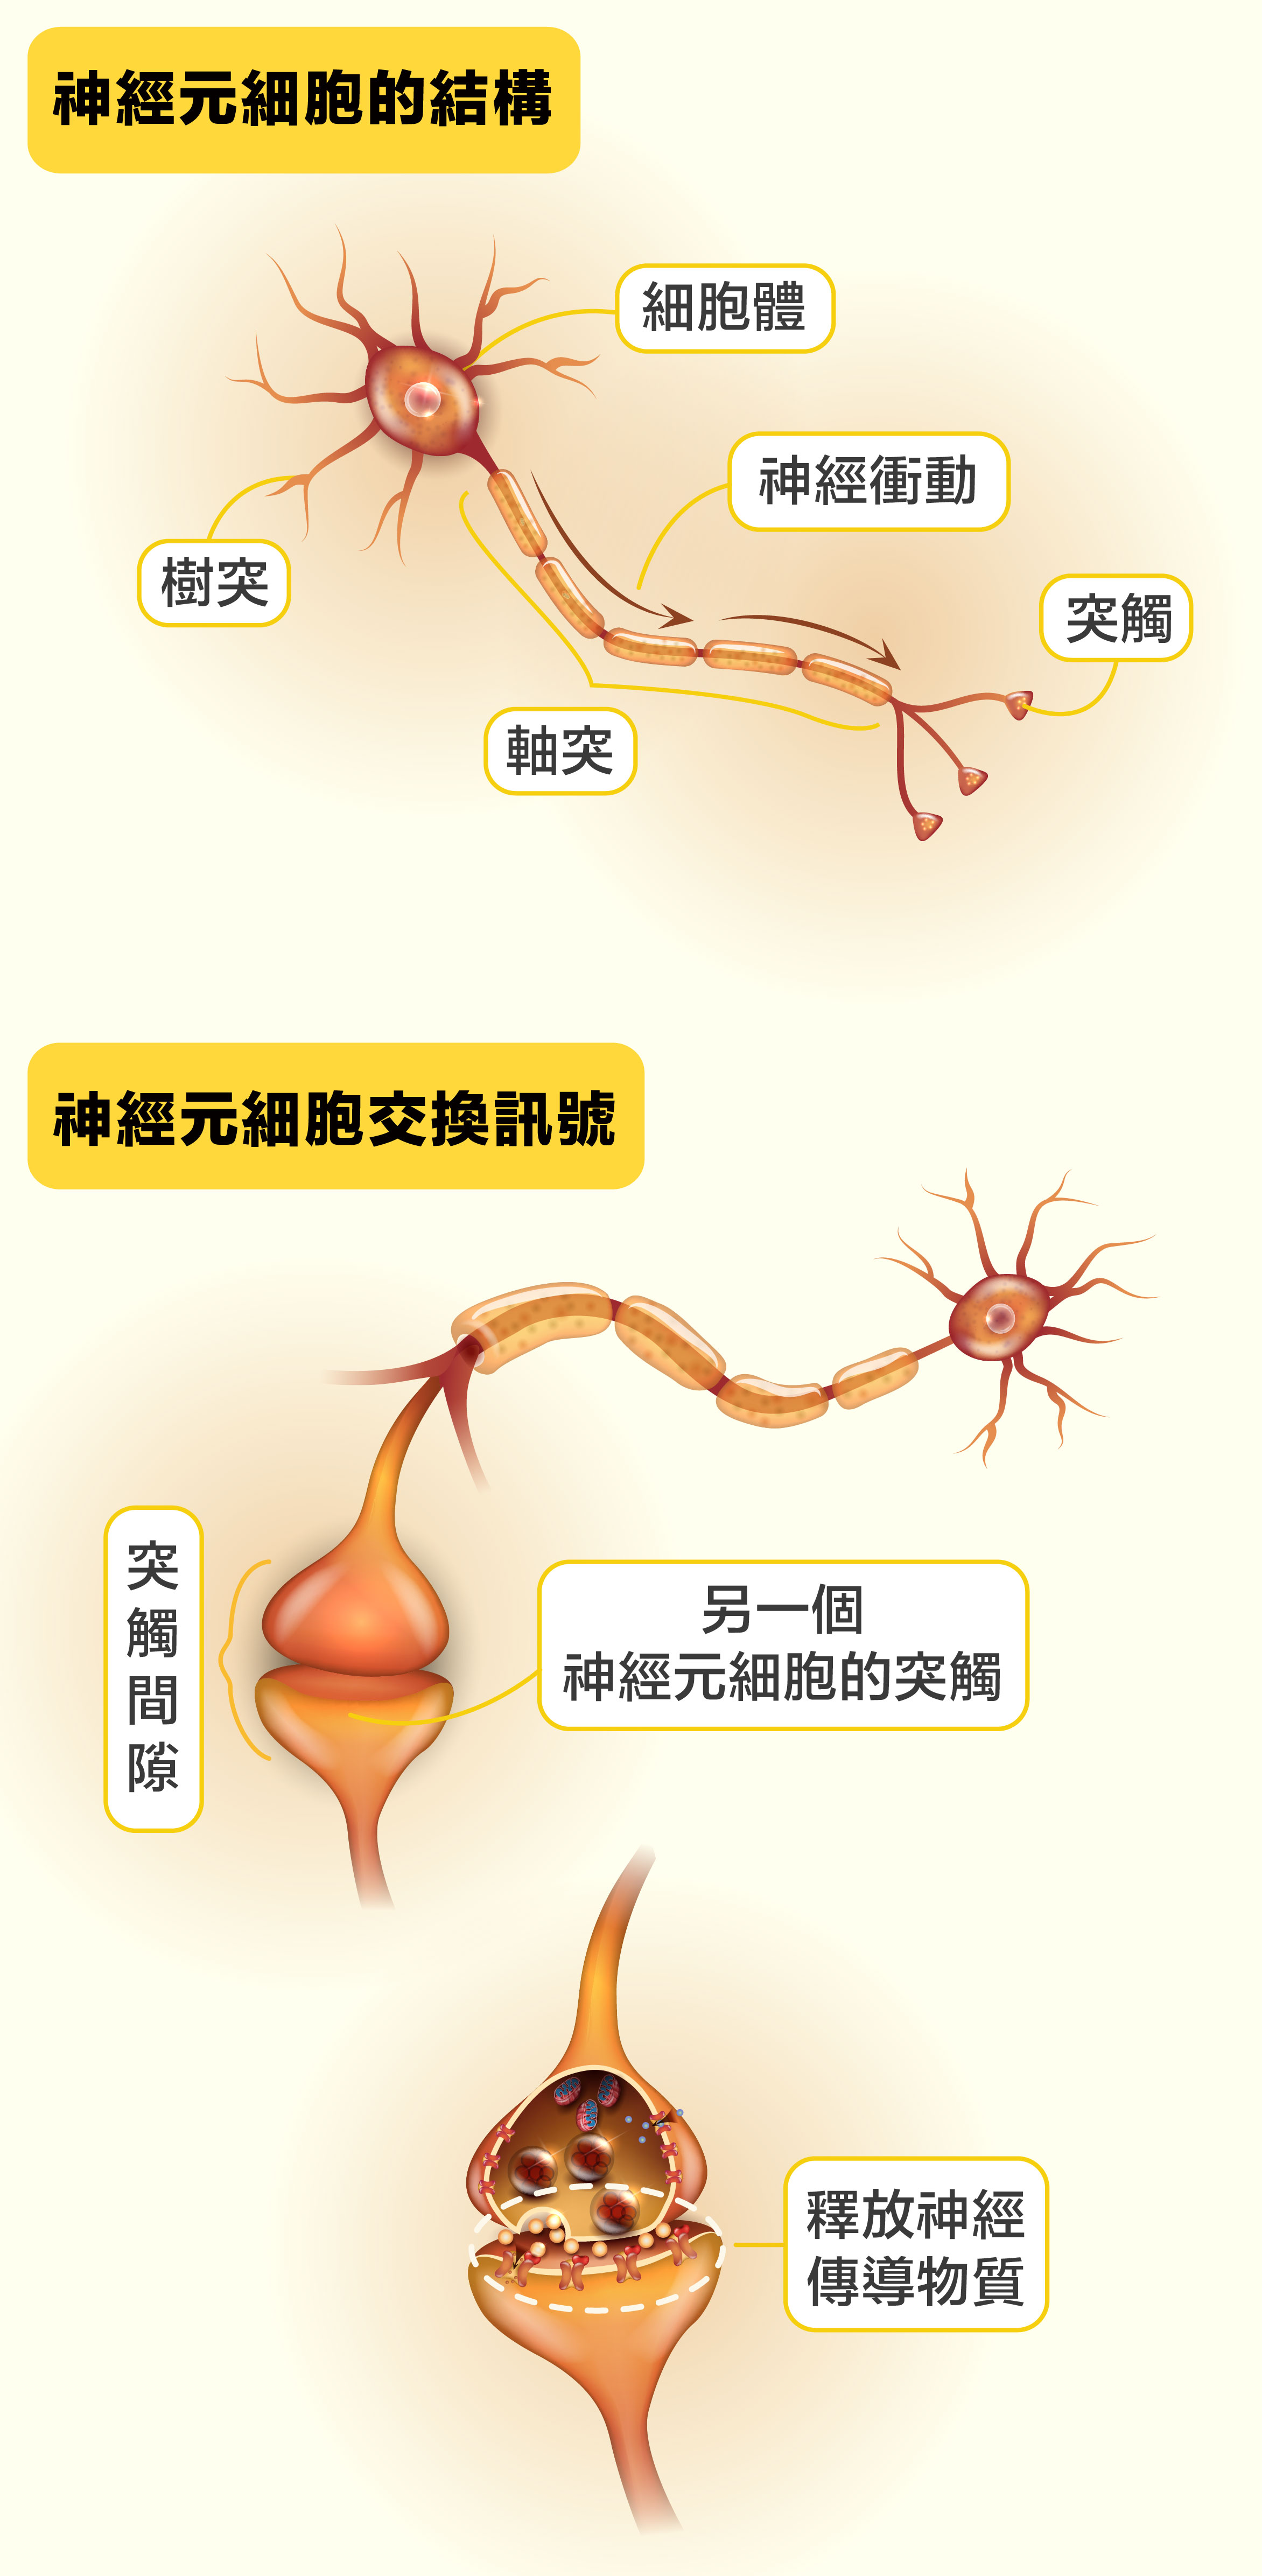 第一個神經元細胞的神經衝動傳到軸突末端的突觸,釋放神經傳導物質到下一個神經元細胞的樹突突觸,藉此將神經衝動傳給下一個神經元……就這樣把訊息接力傳到目的地。神經元軸突長度相差很大,有的僅分布在細胞周圍;有的很長,像是成人的坐骨神經,長度能超過1.5公尺。圖│研之有物(圖片來源│iStock)